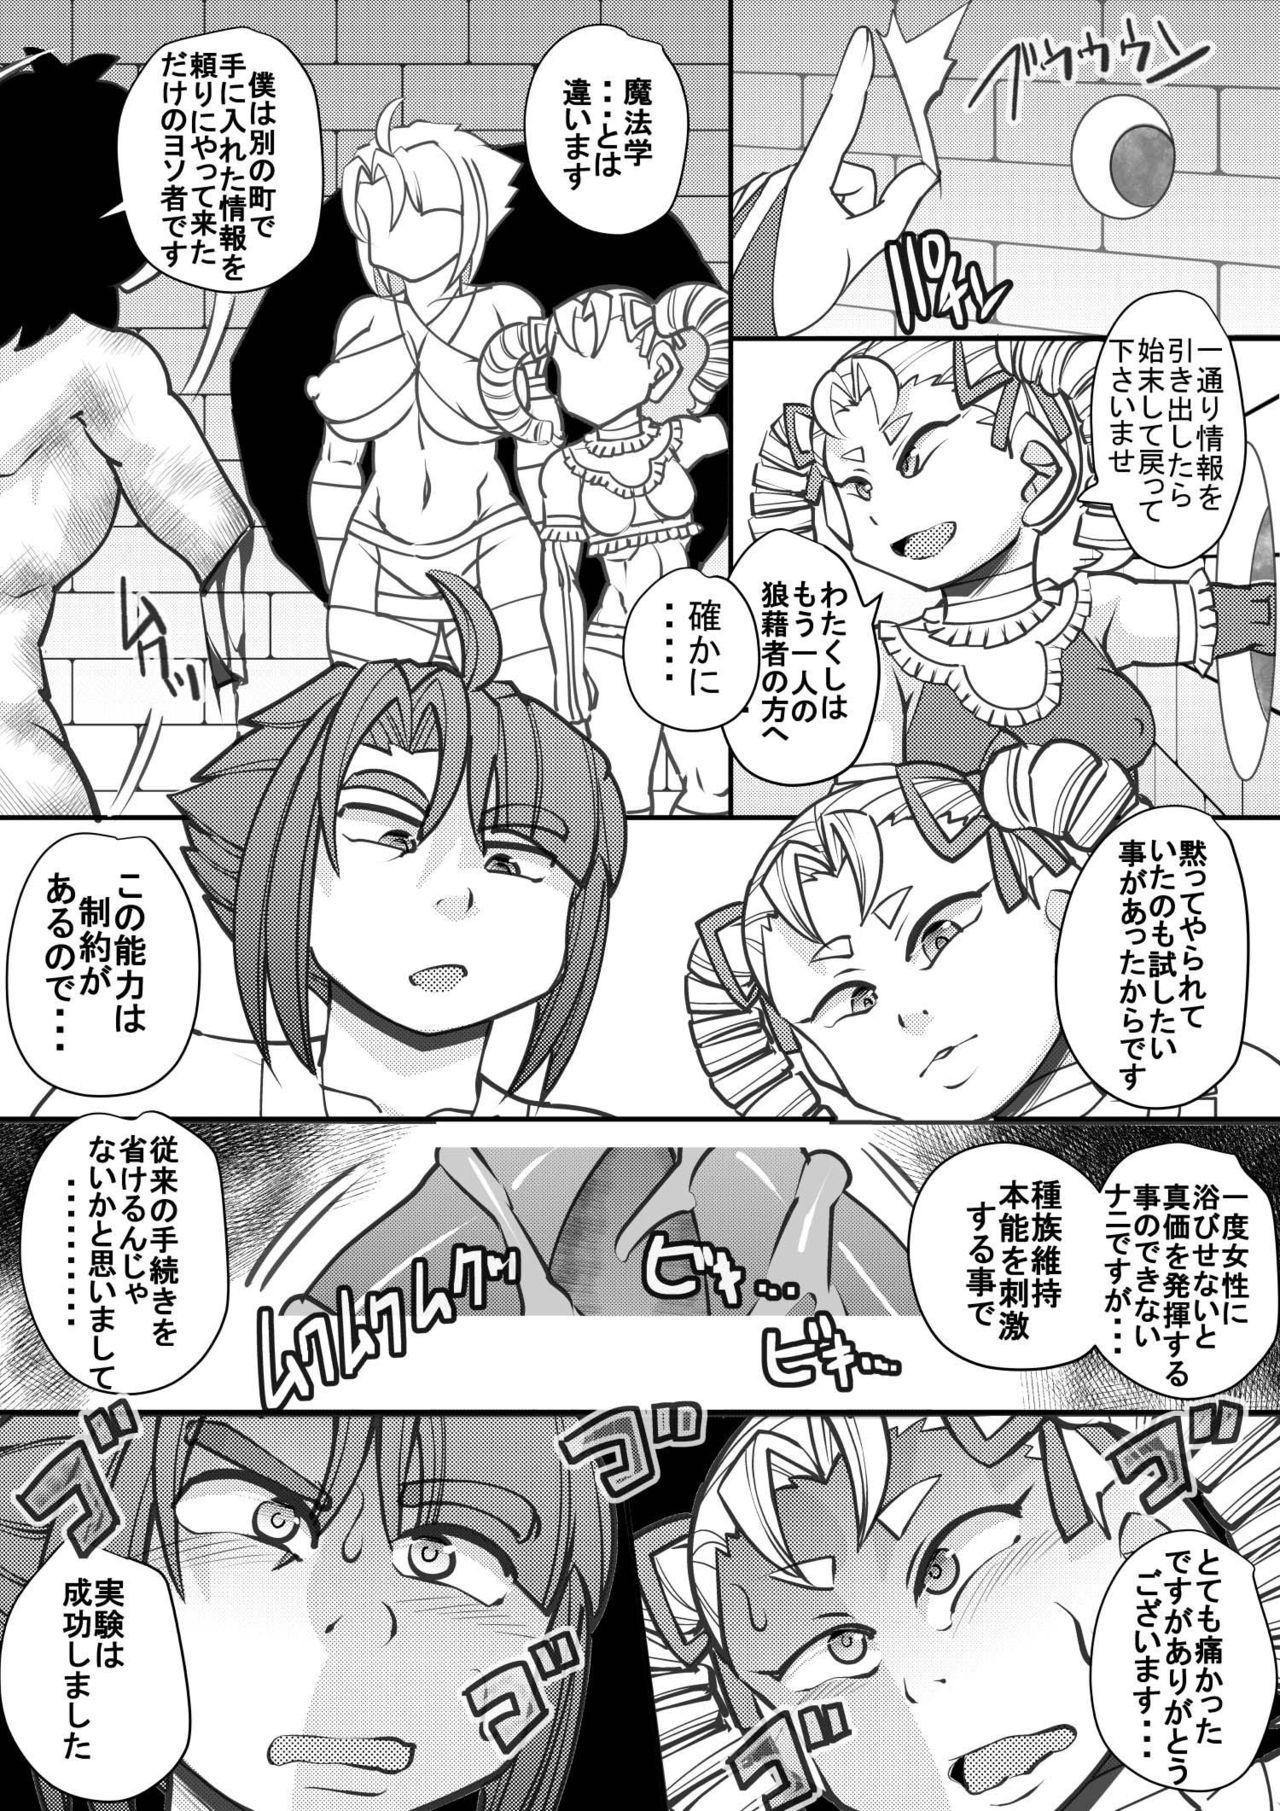 Uchi no Joseito Zenin Haramaseta Kedamono ga Anta no Gakuen ni Iku Rashii yo? 27 5